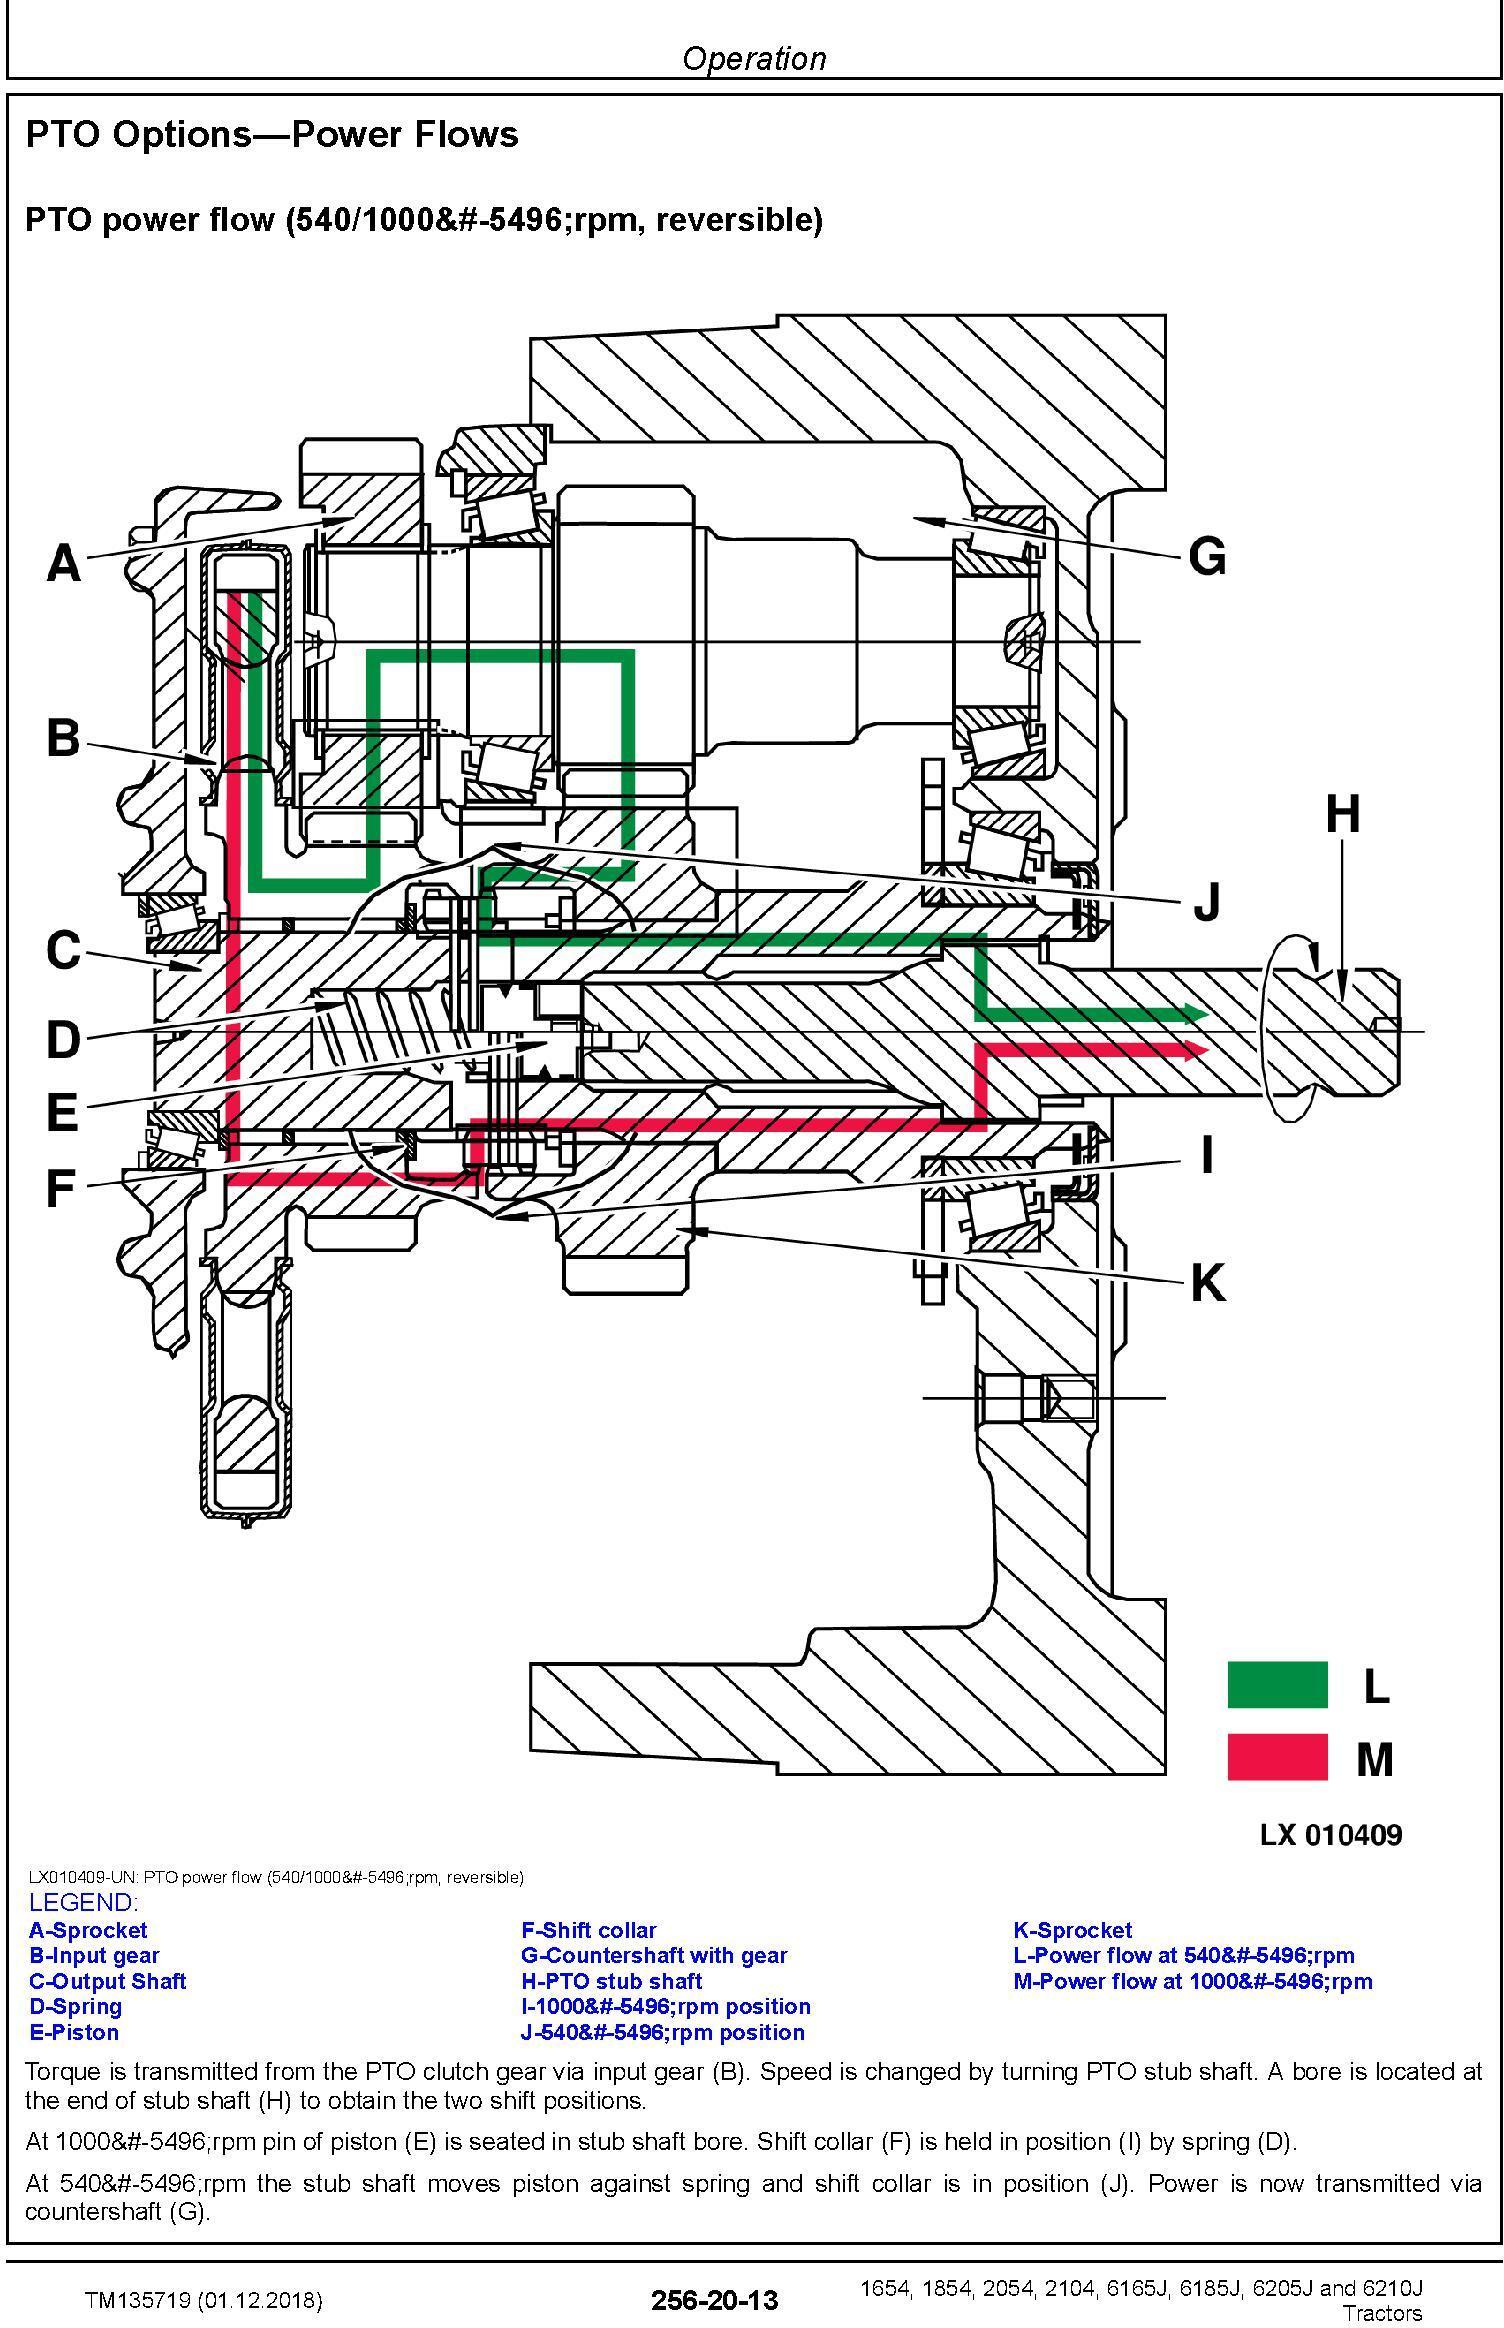 John Deere 6165J(6J-1654), 6185J(6J-1854), 6205J(6J-2054), 6210J(6J-2104) Tractors Diagnostic Manual (TM135719) - 3